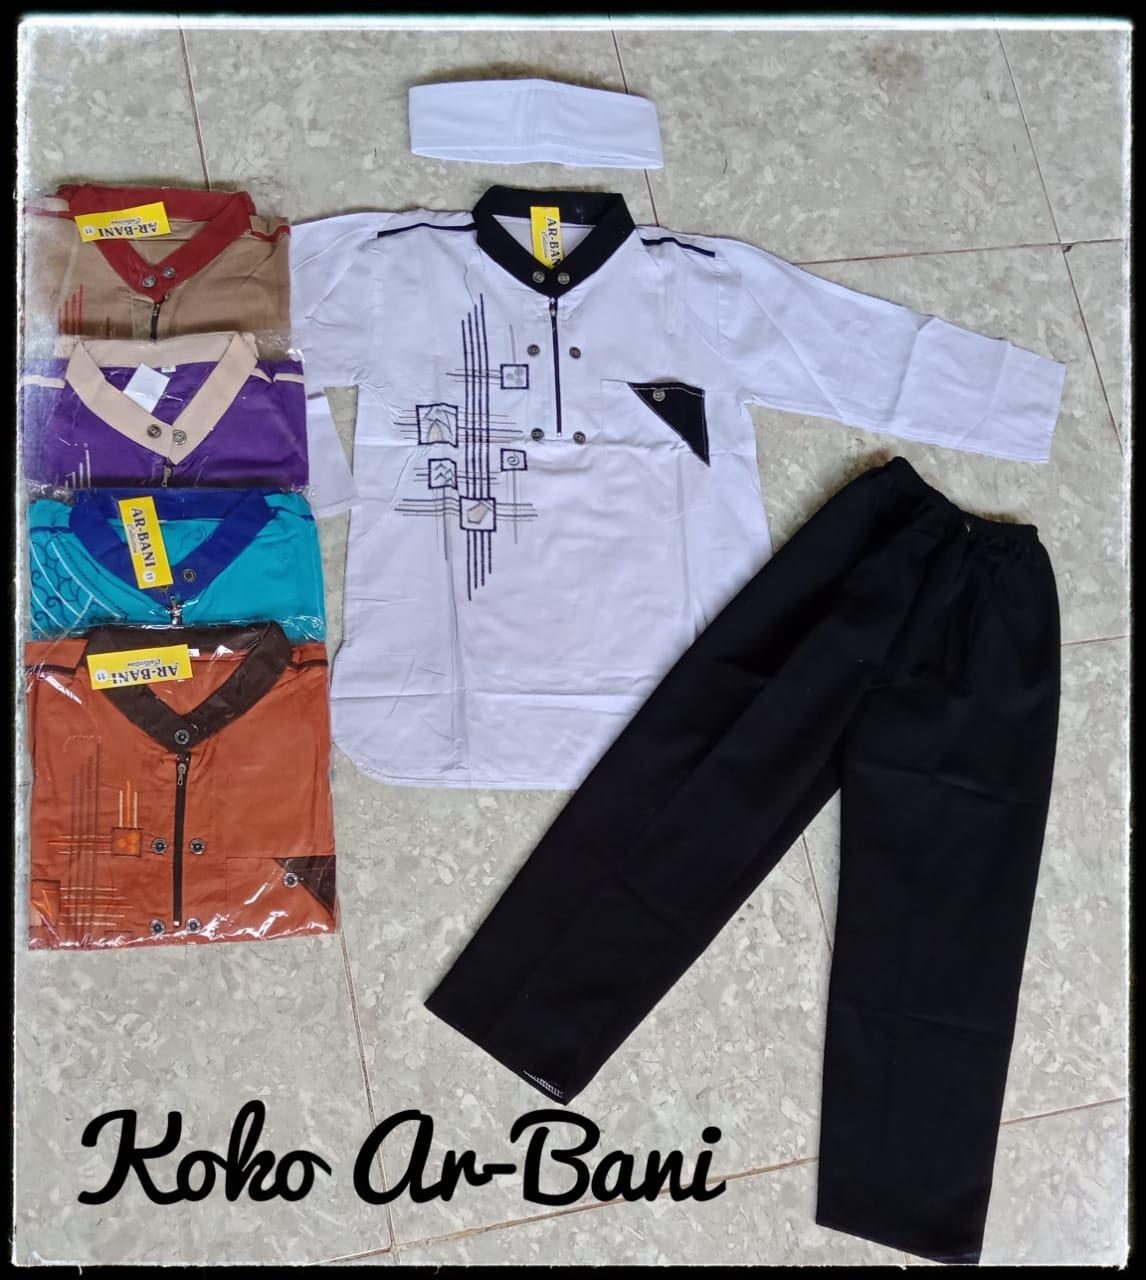 ObralanBaju.com Obral Baju Pakaian Murah Meriah 5000 Koko Rabbani